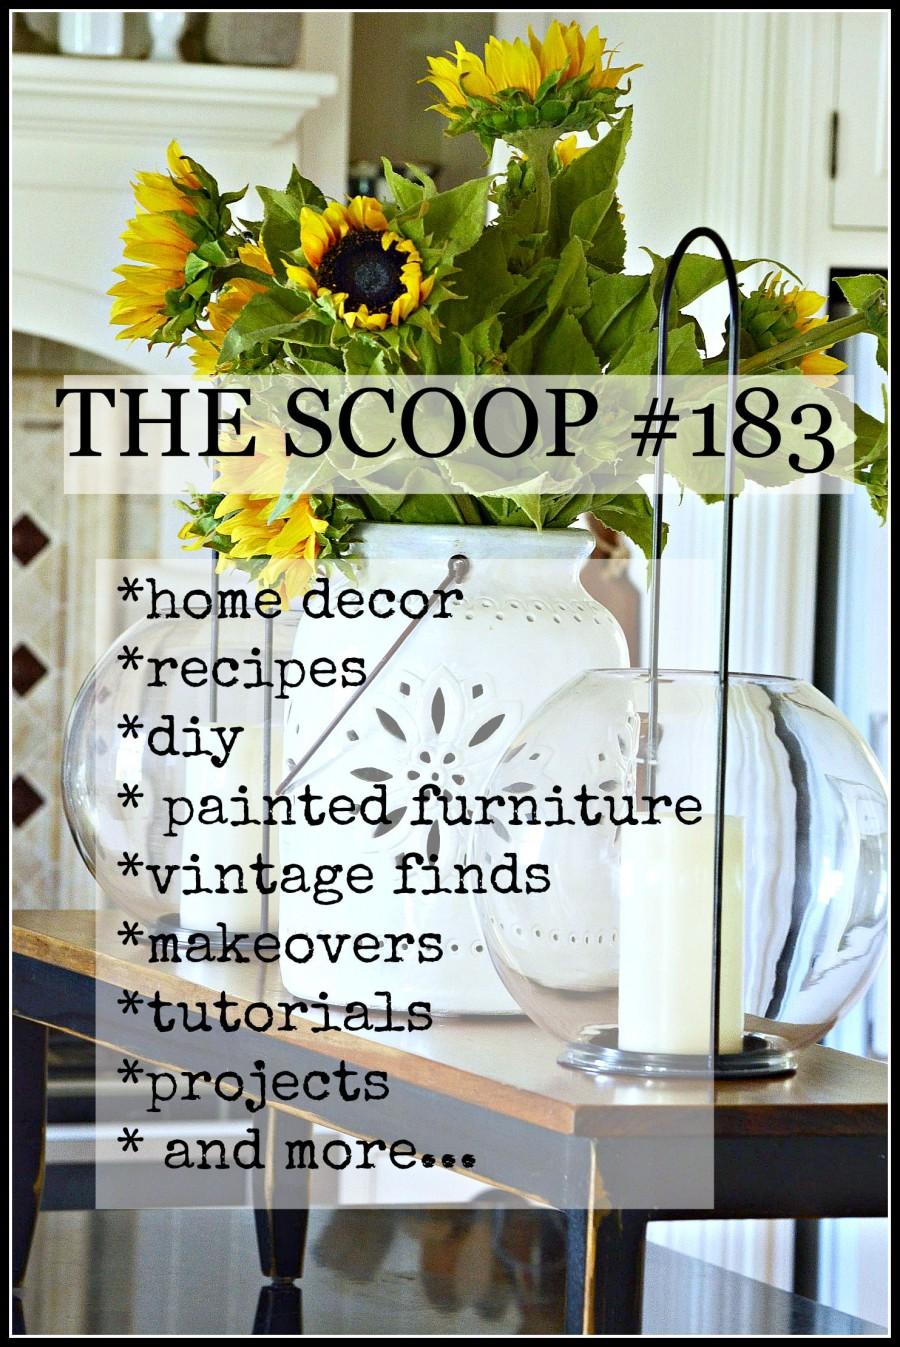 THE SCOOP #183- hundreds of creative ideas and inspiration-stonegableblog.com